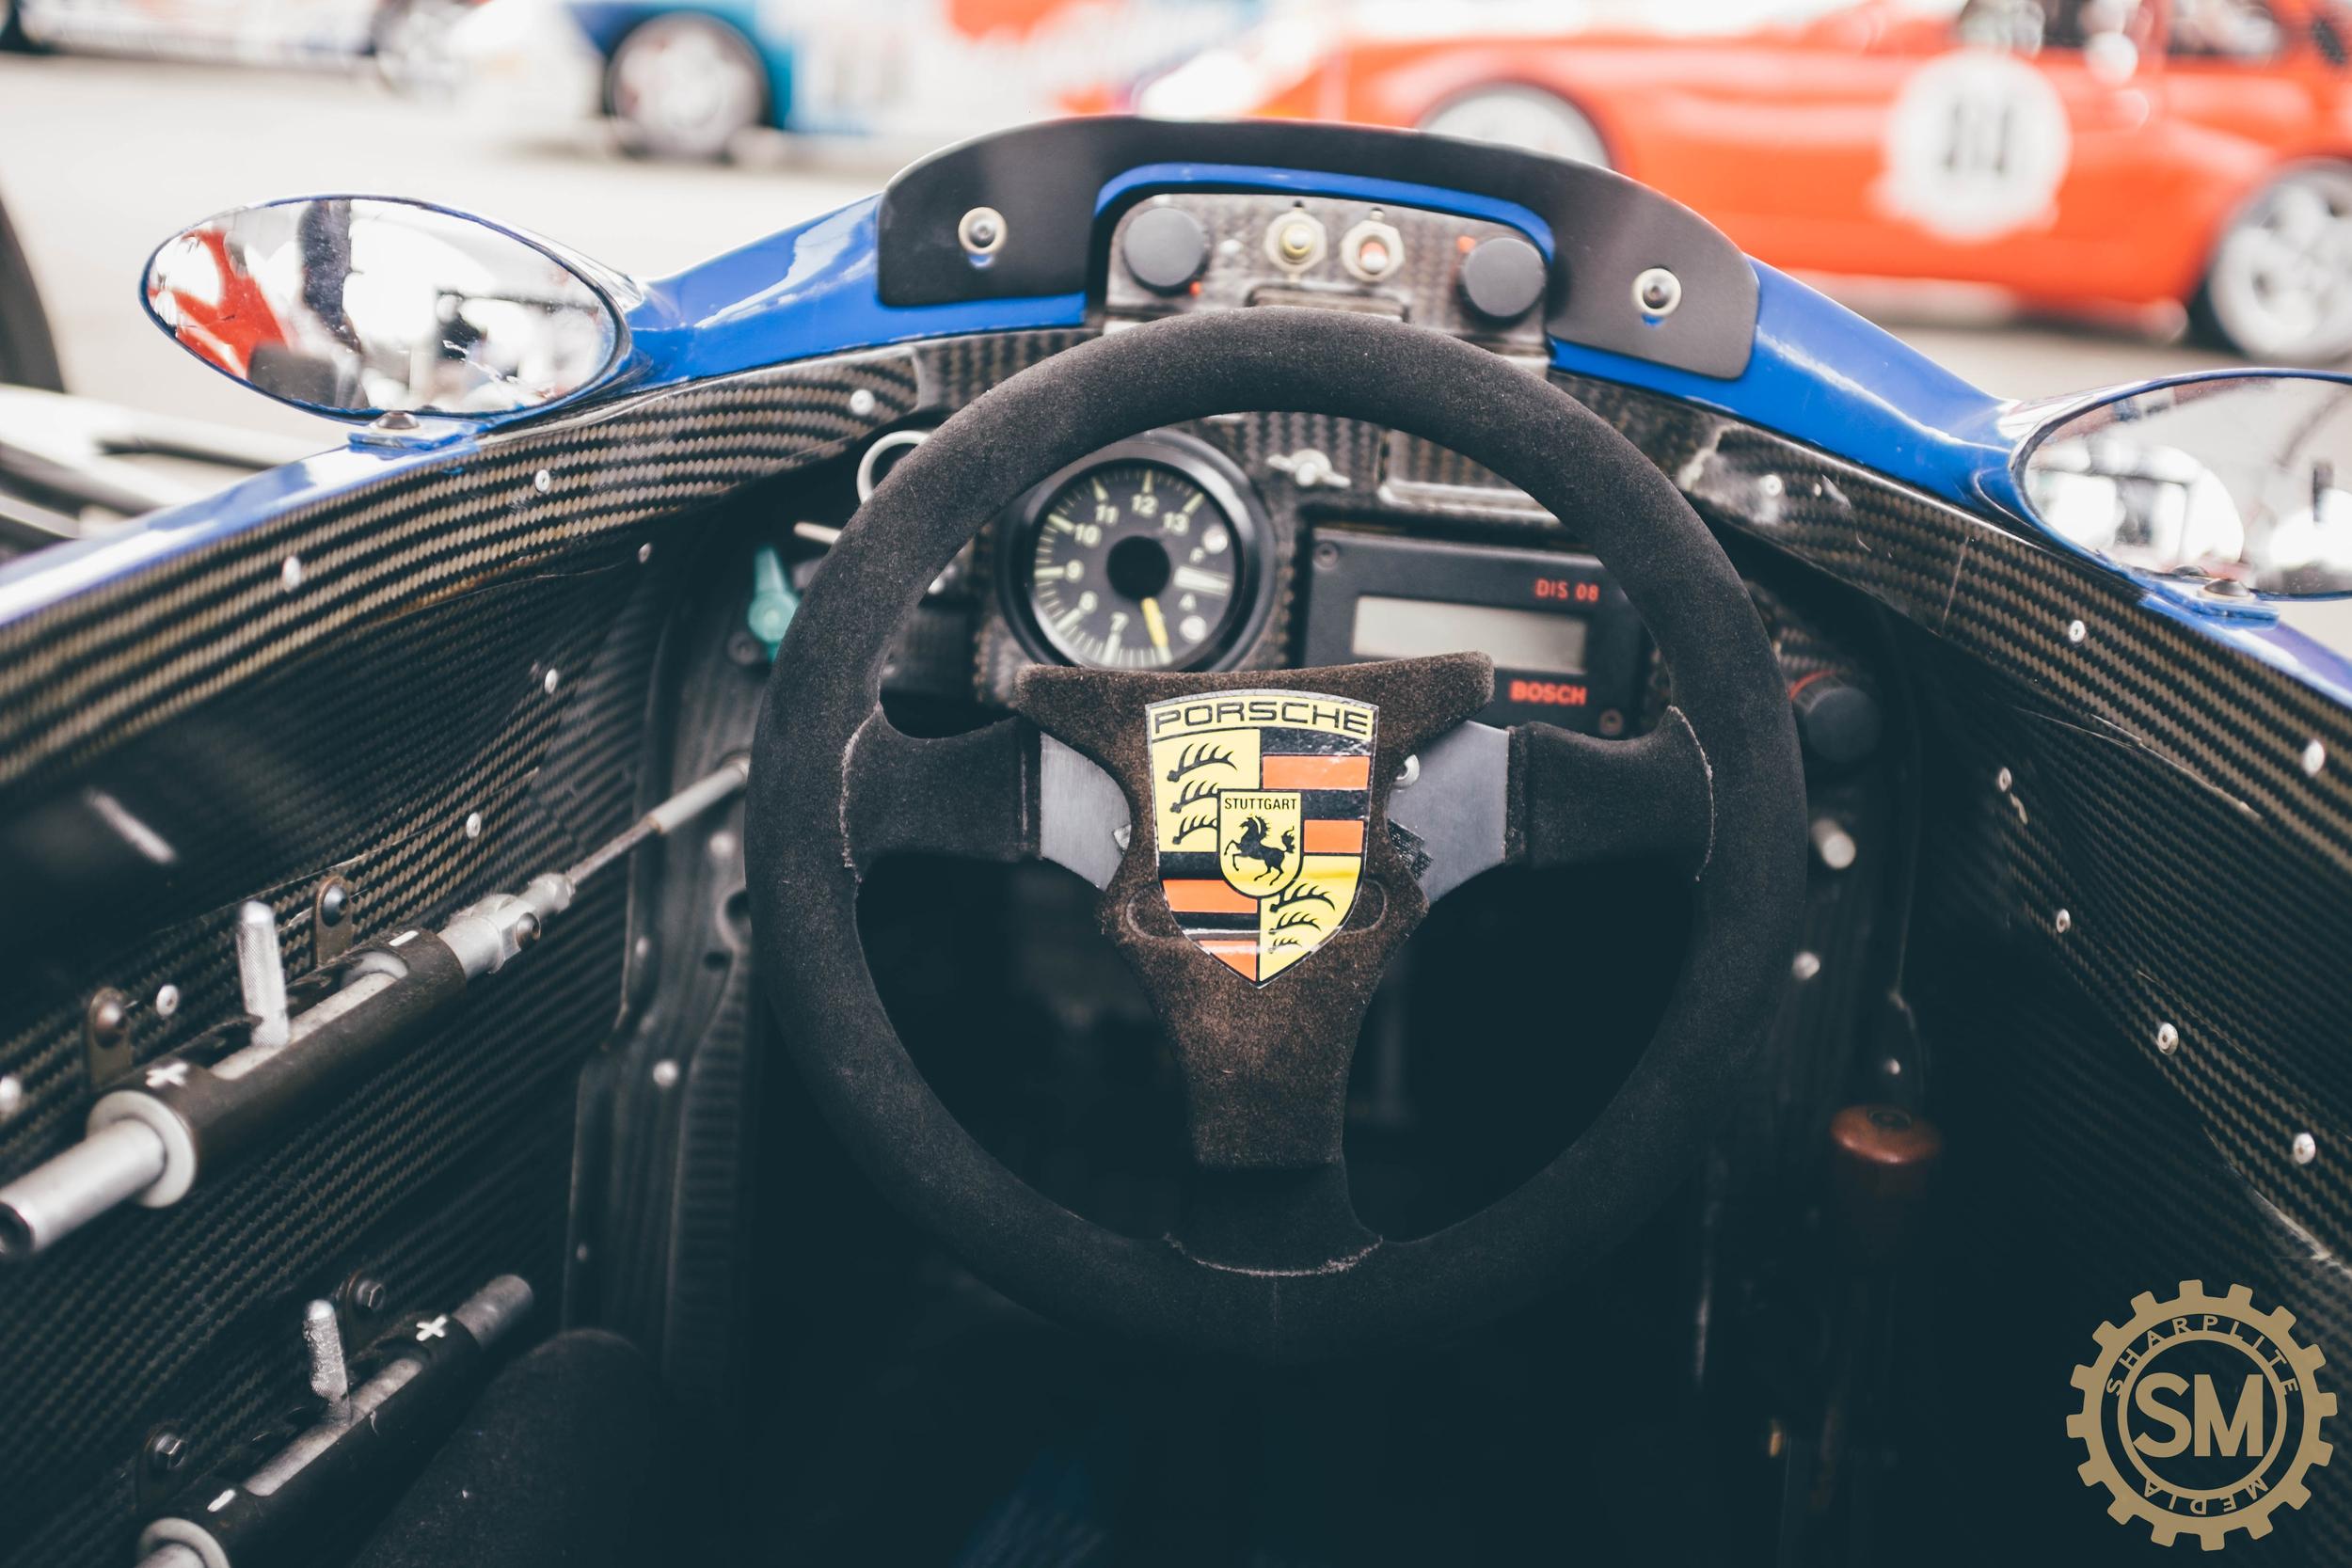 Porsche_FINAL-73.jpg